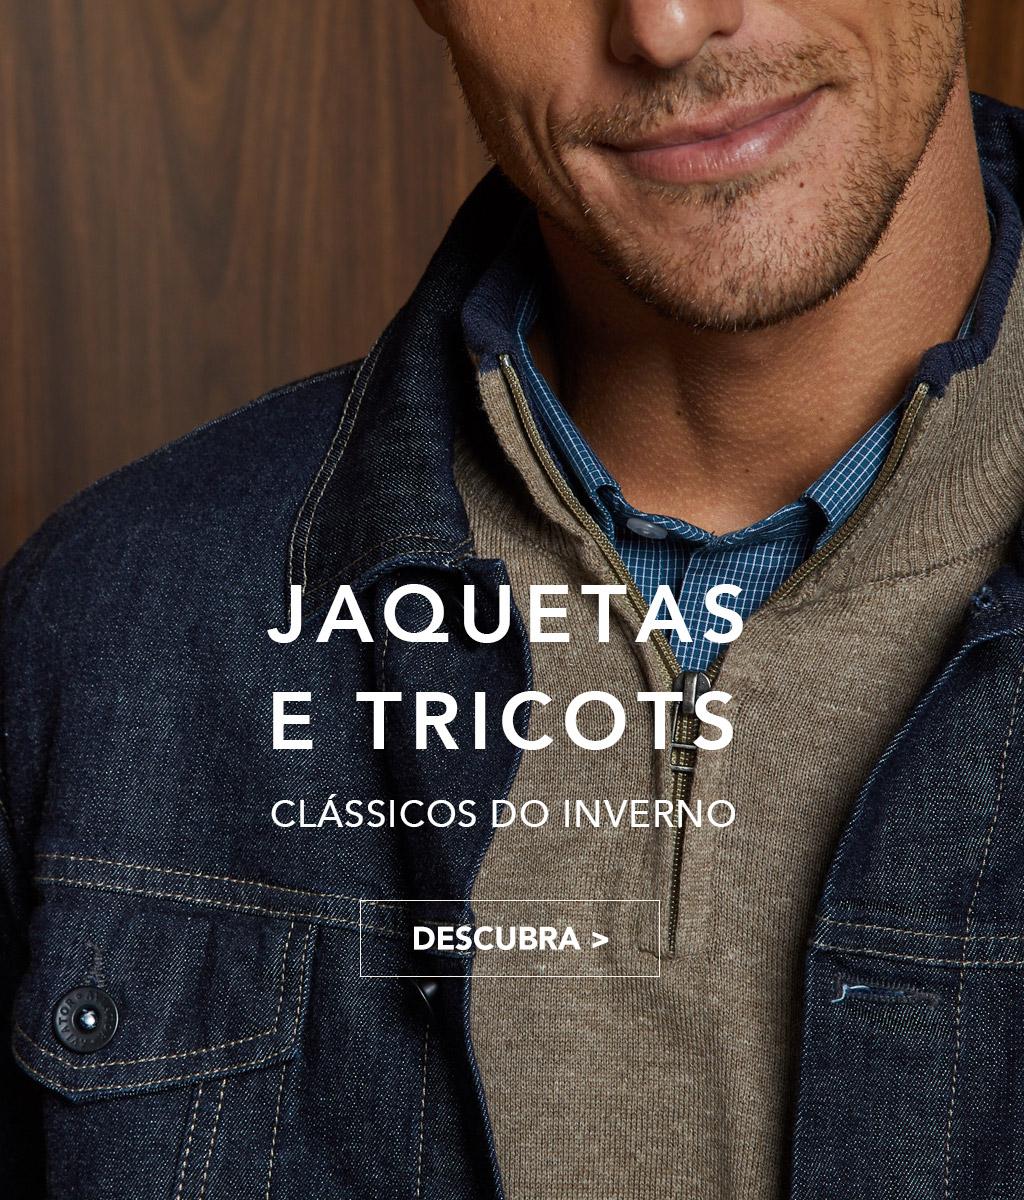 Jaquetas e Tricots